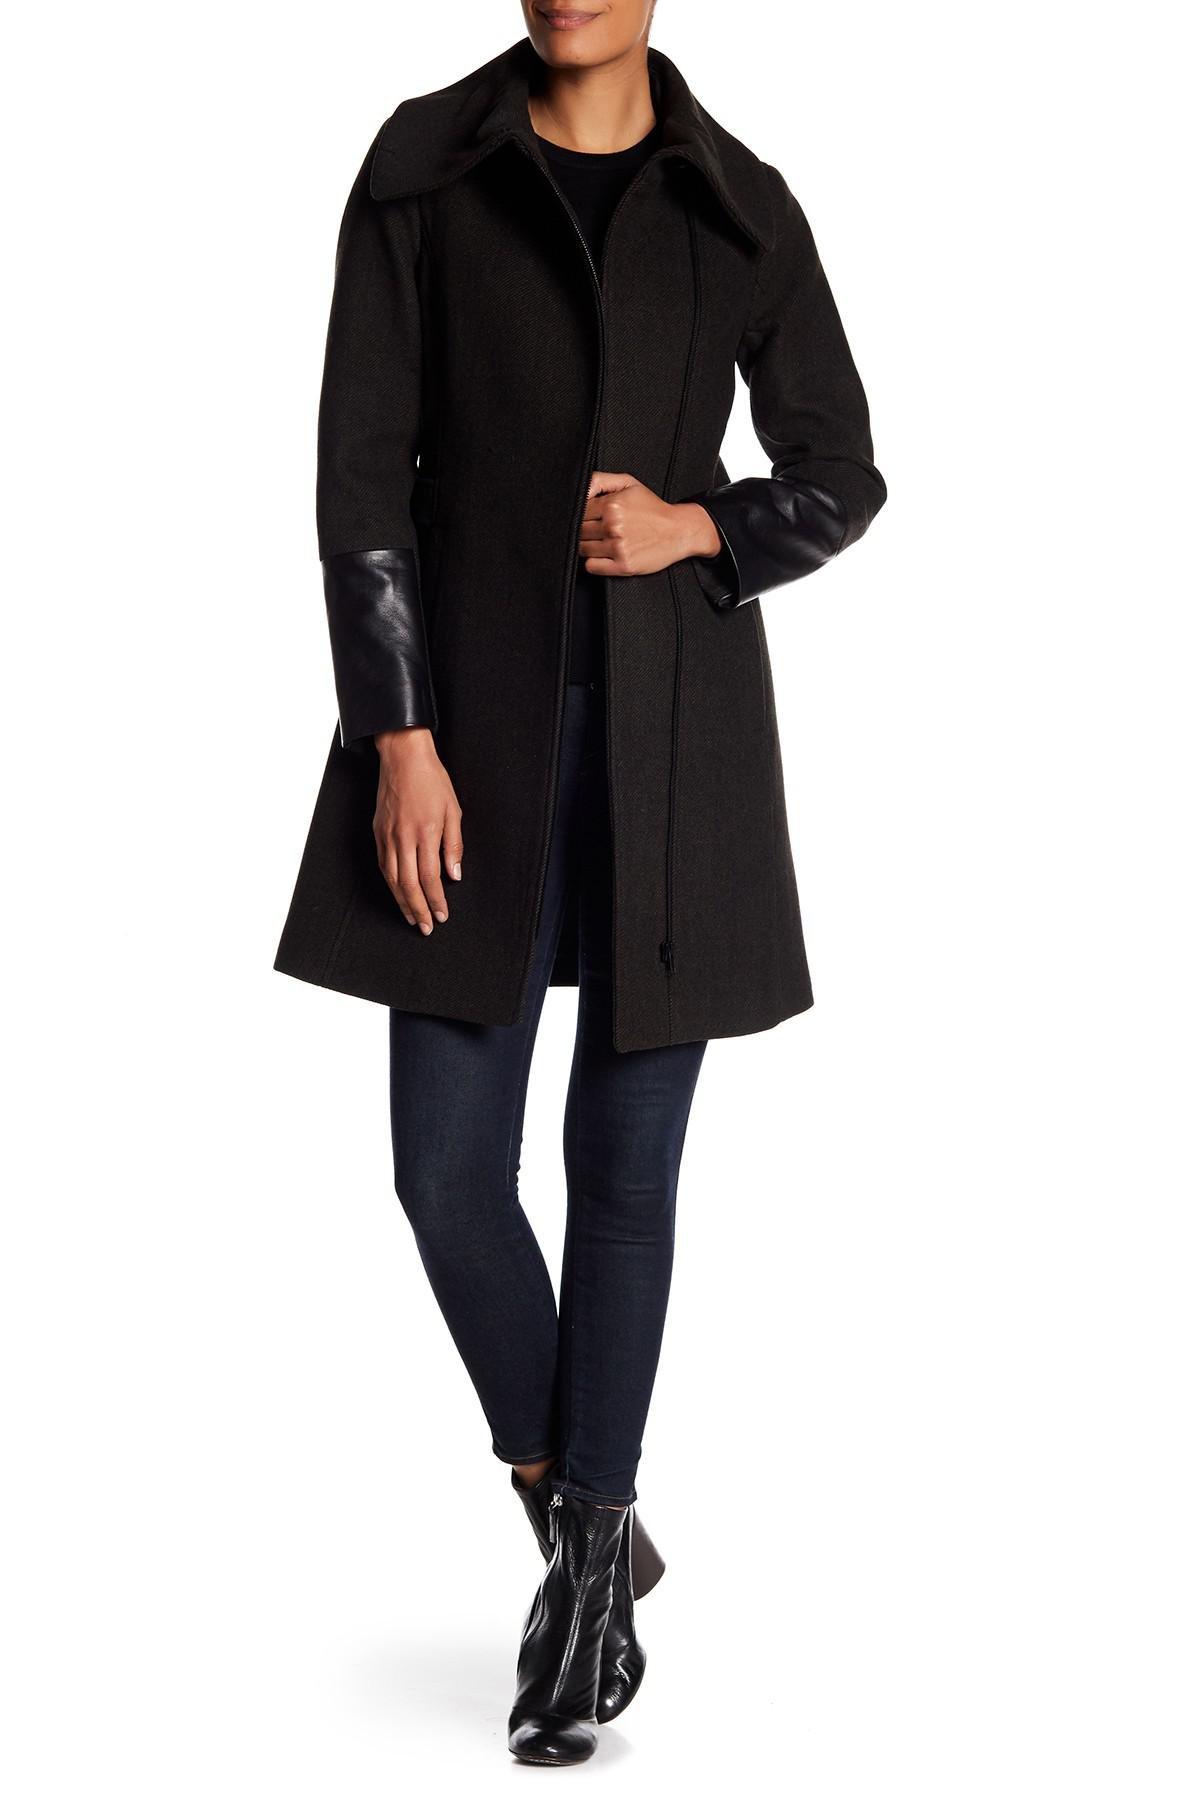 Soia & kyo leather jacket